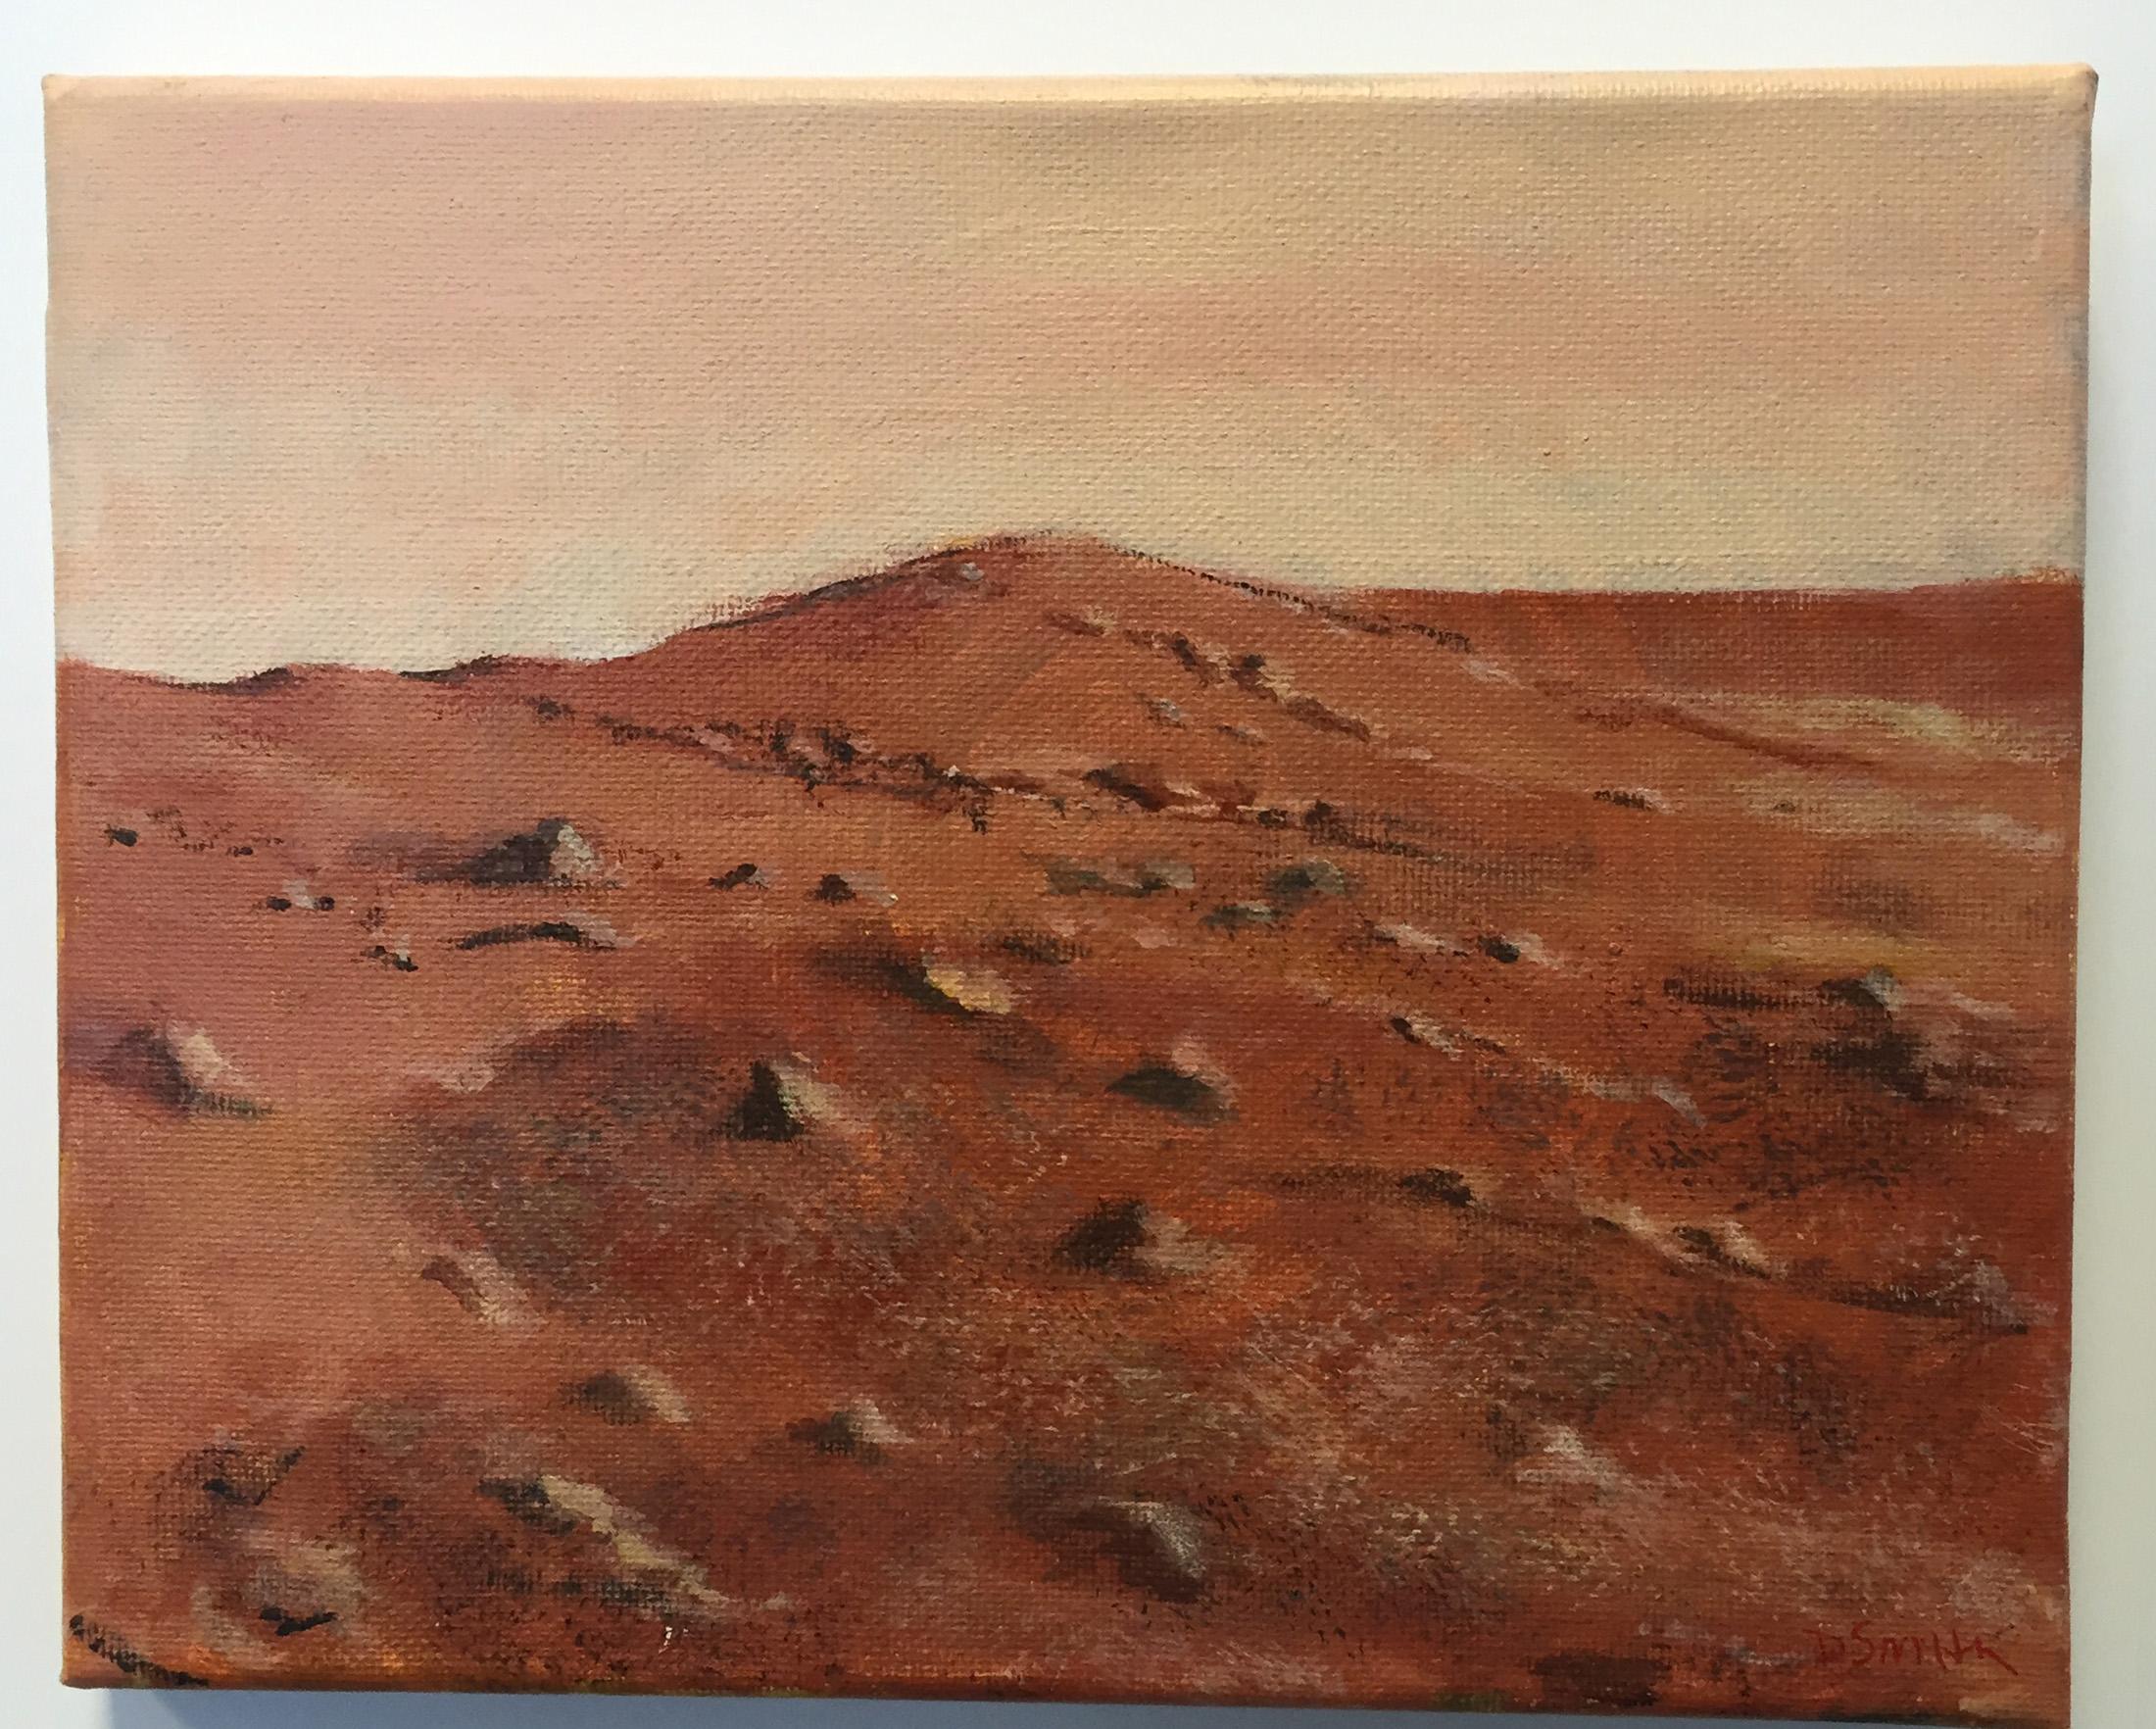 MARSCAPE1